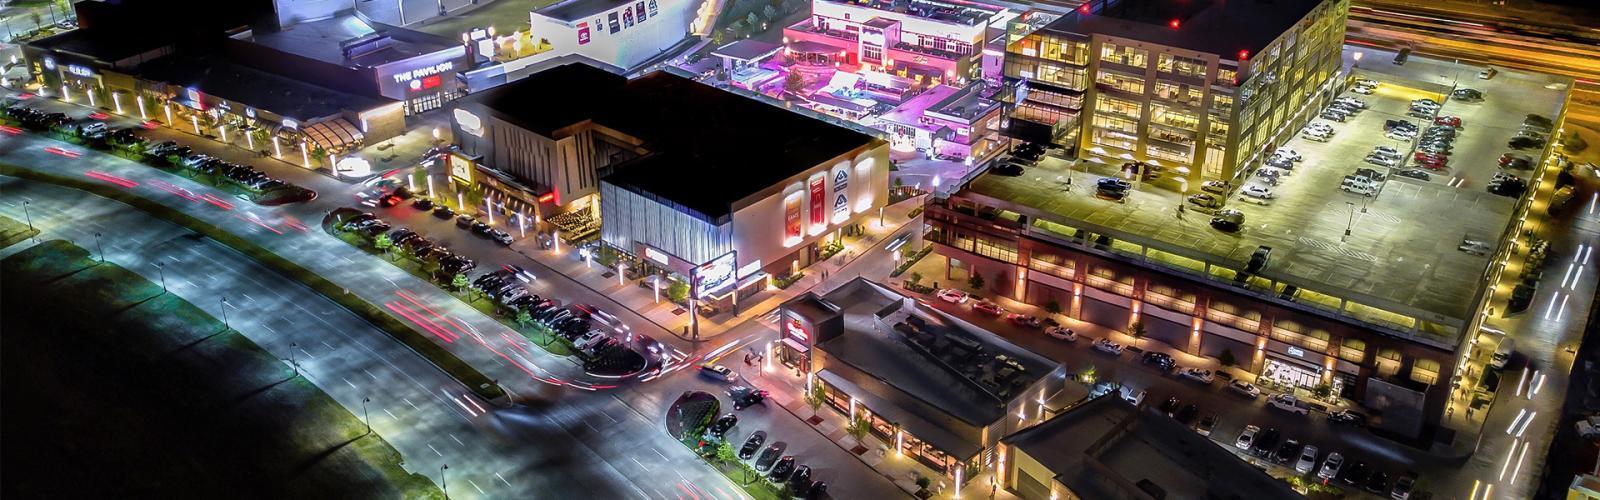 Las Colinas Entertainment District Restaurants Events Hotels